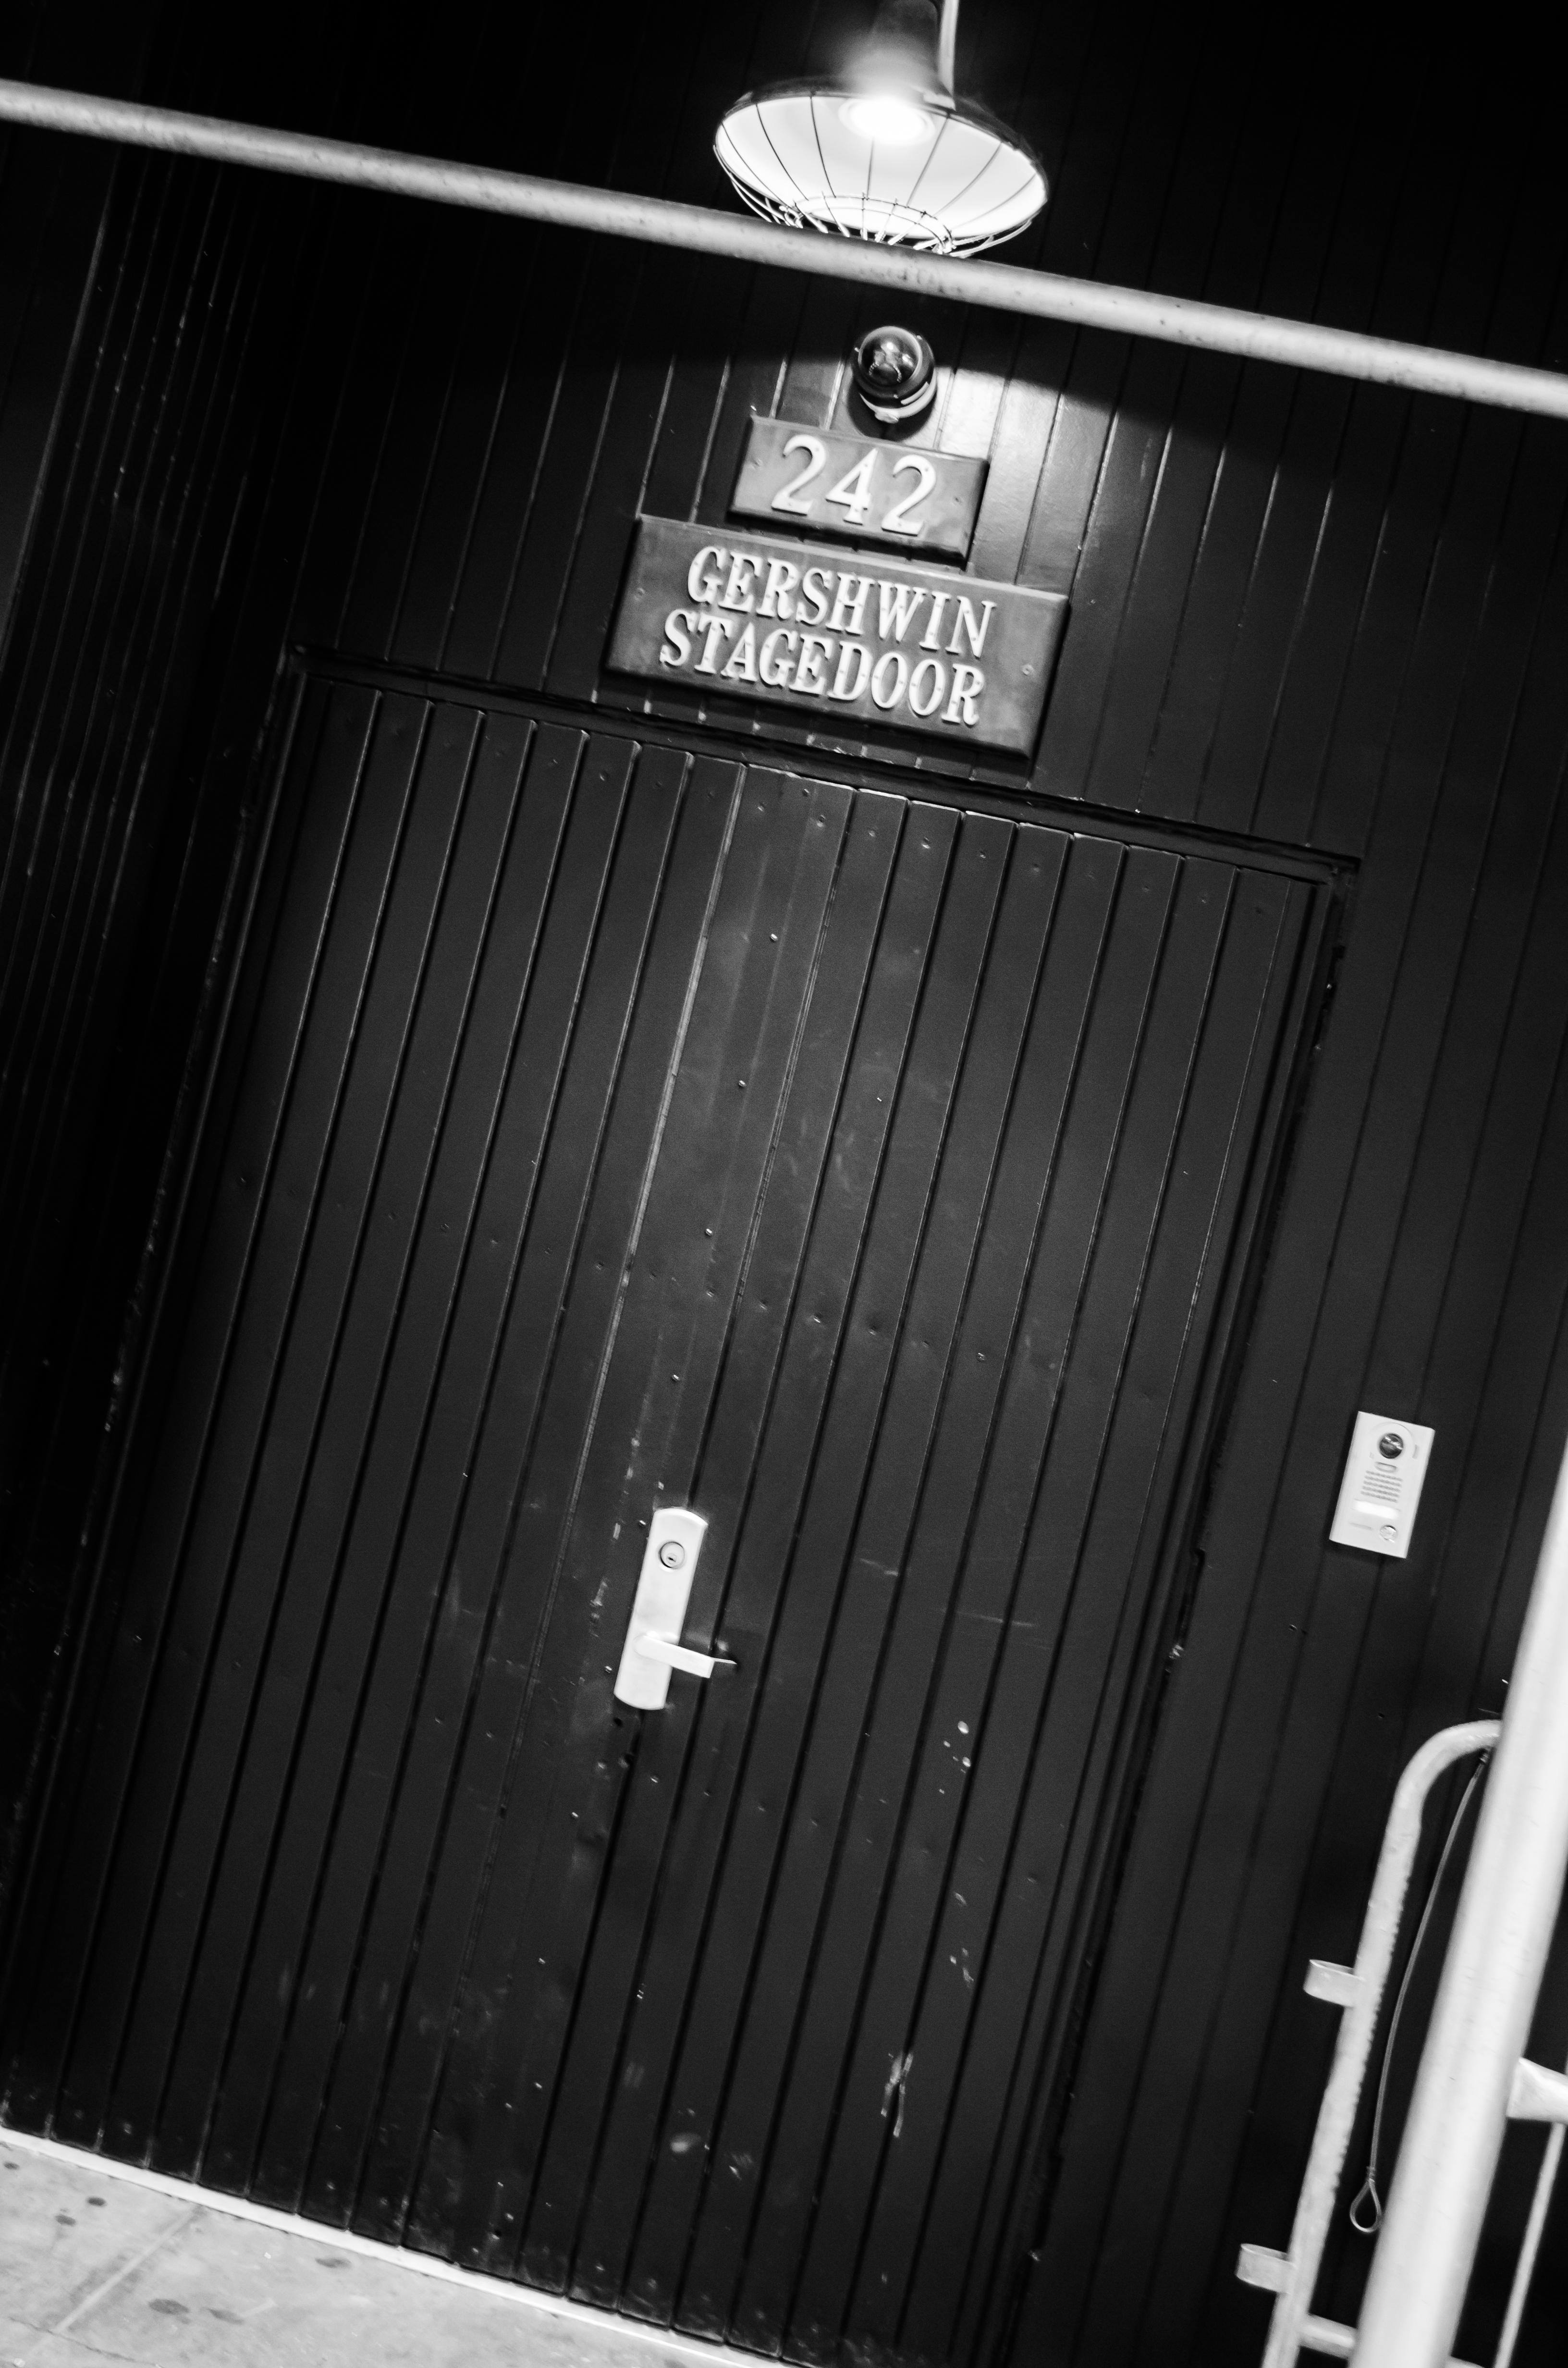 Gershwin Theatre (Broadway) - Theater Information Stage Door